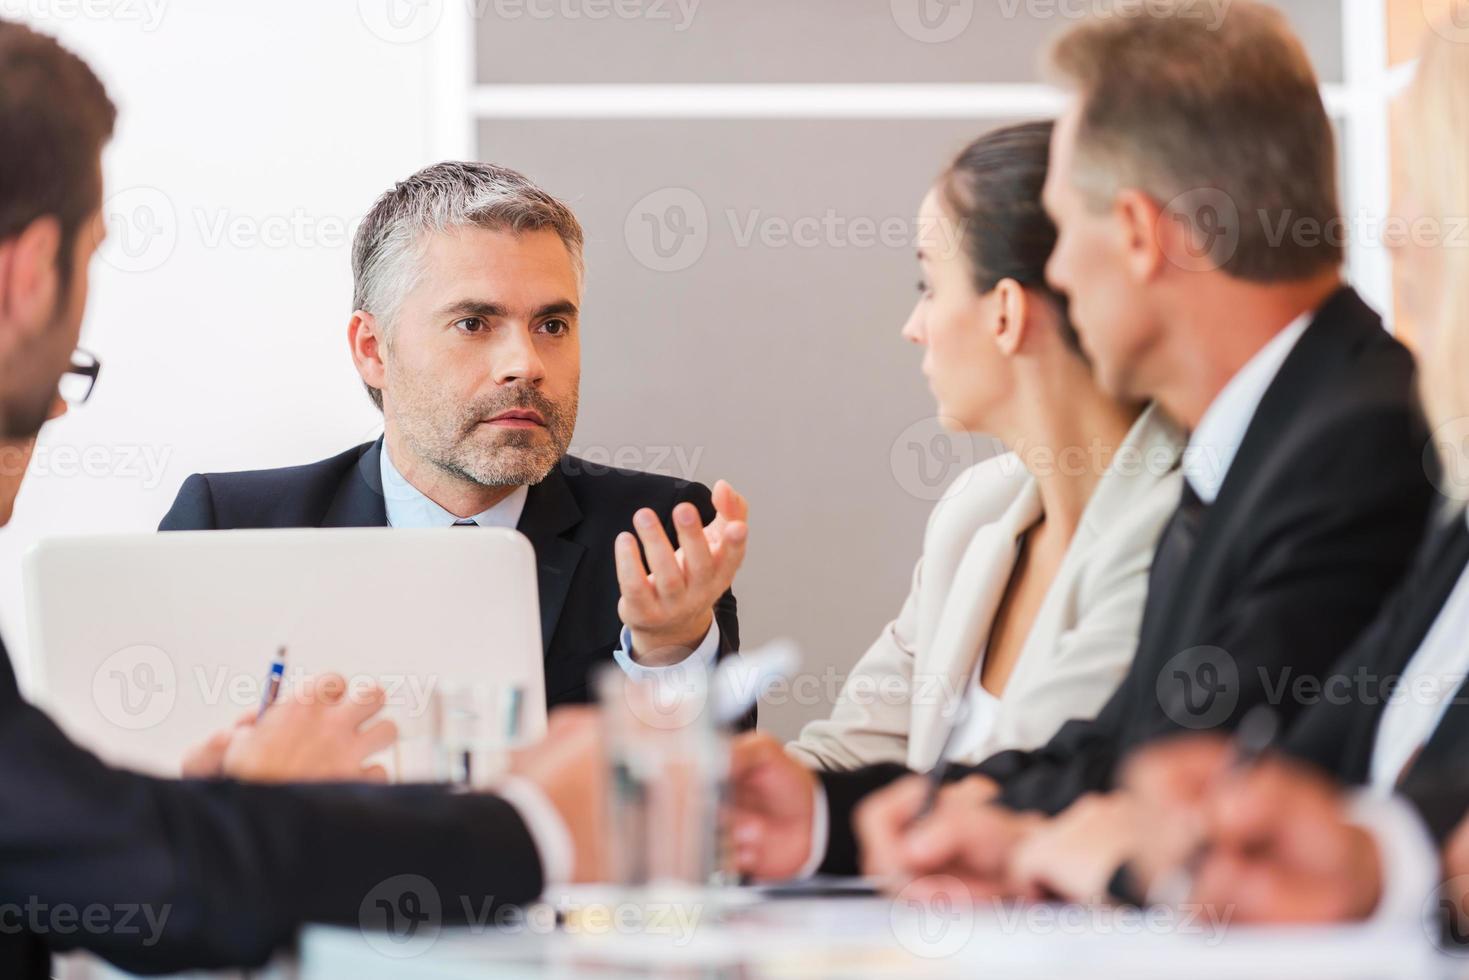 zakelijke bijeenkomst. foto